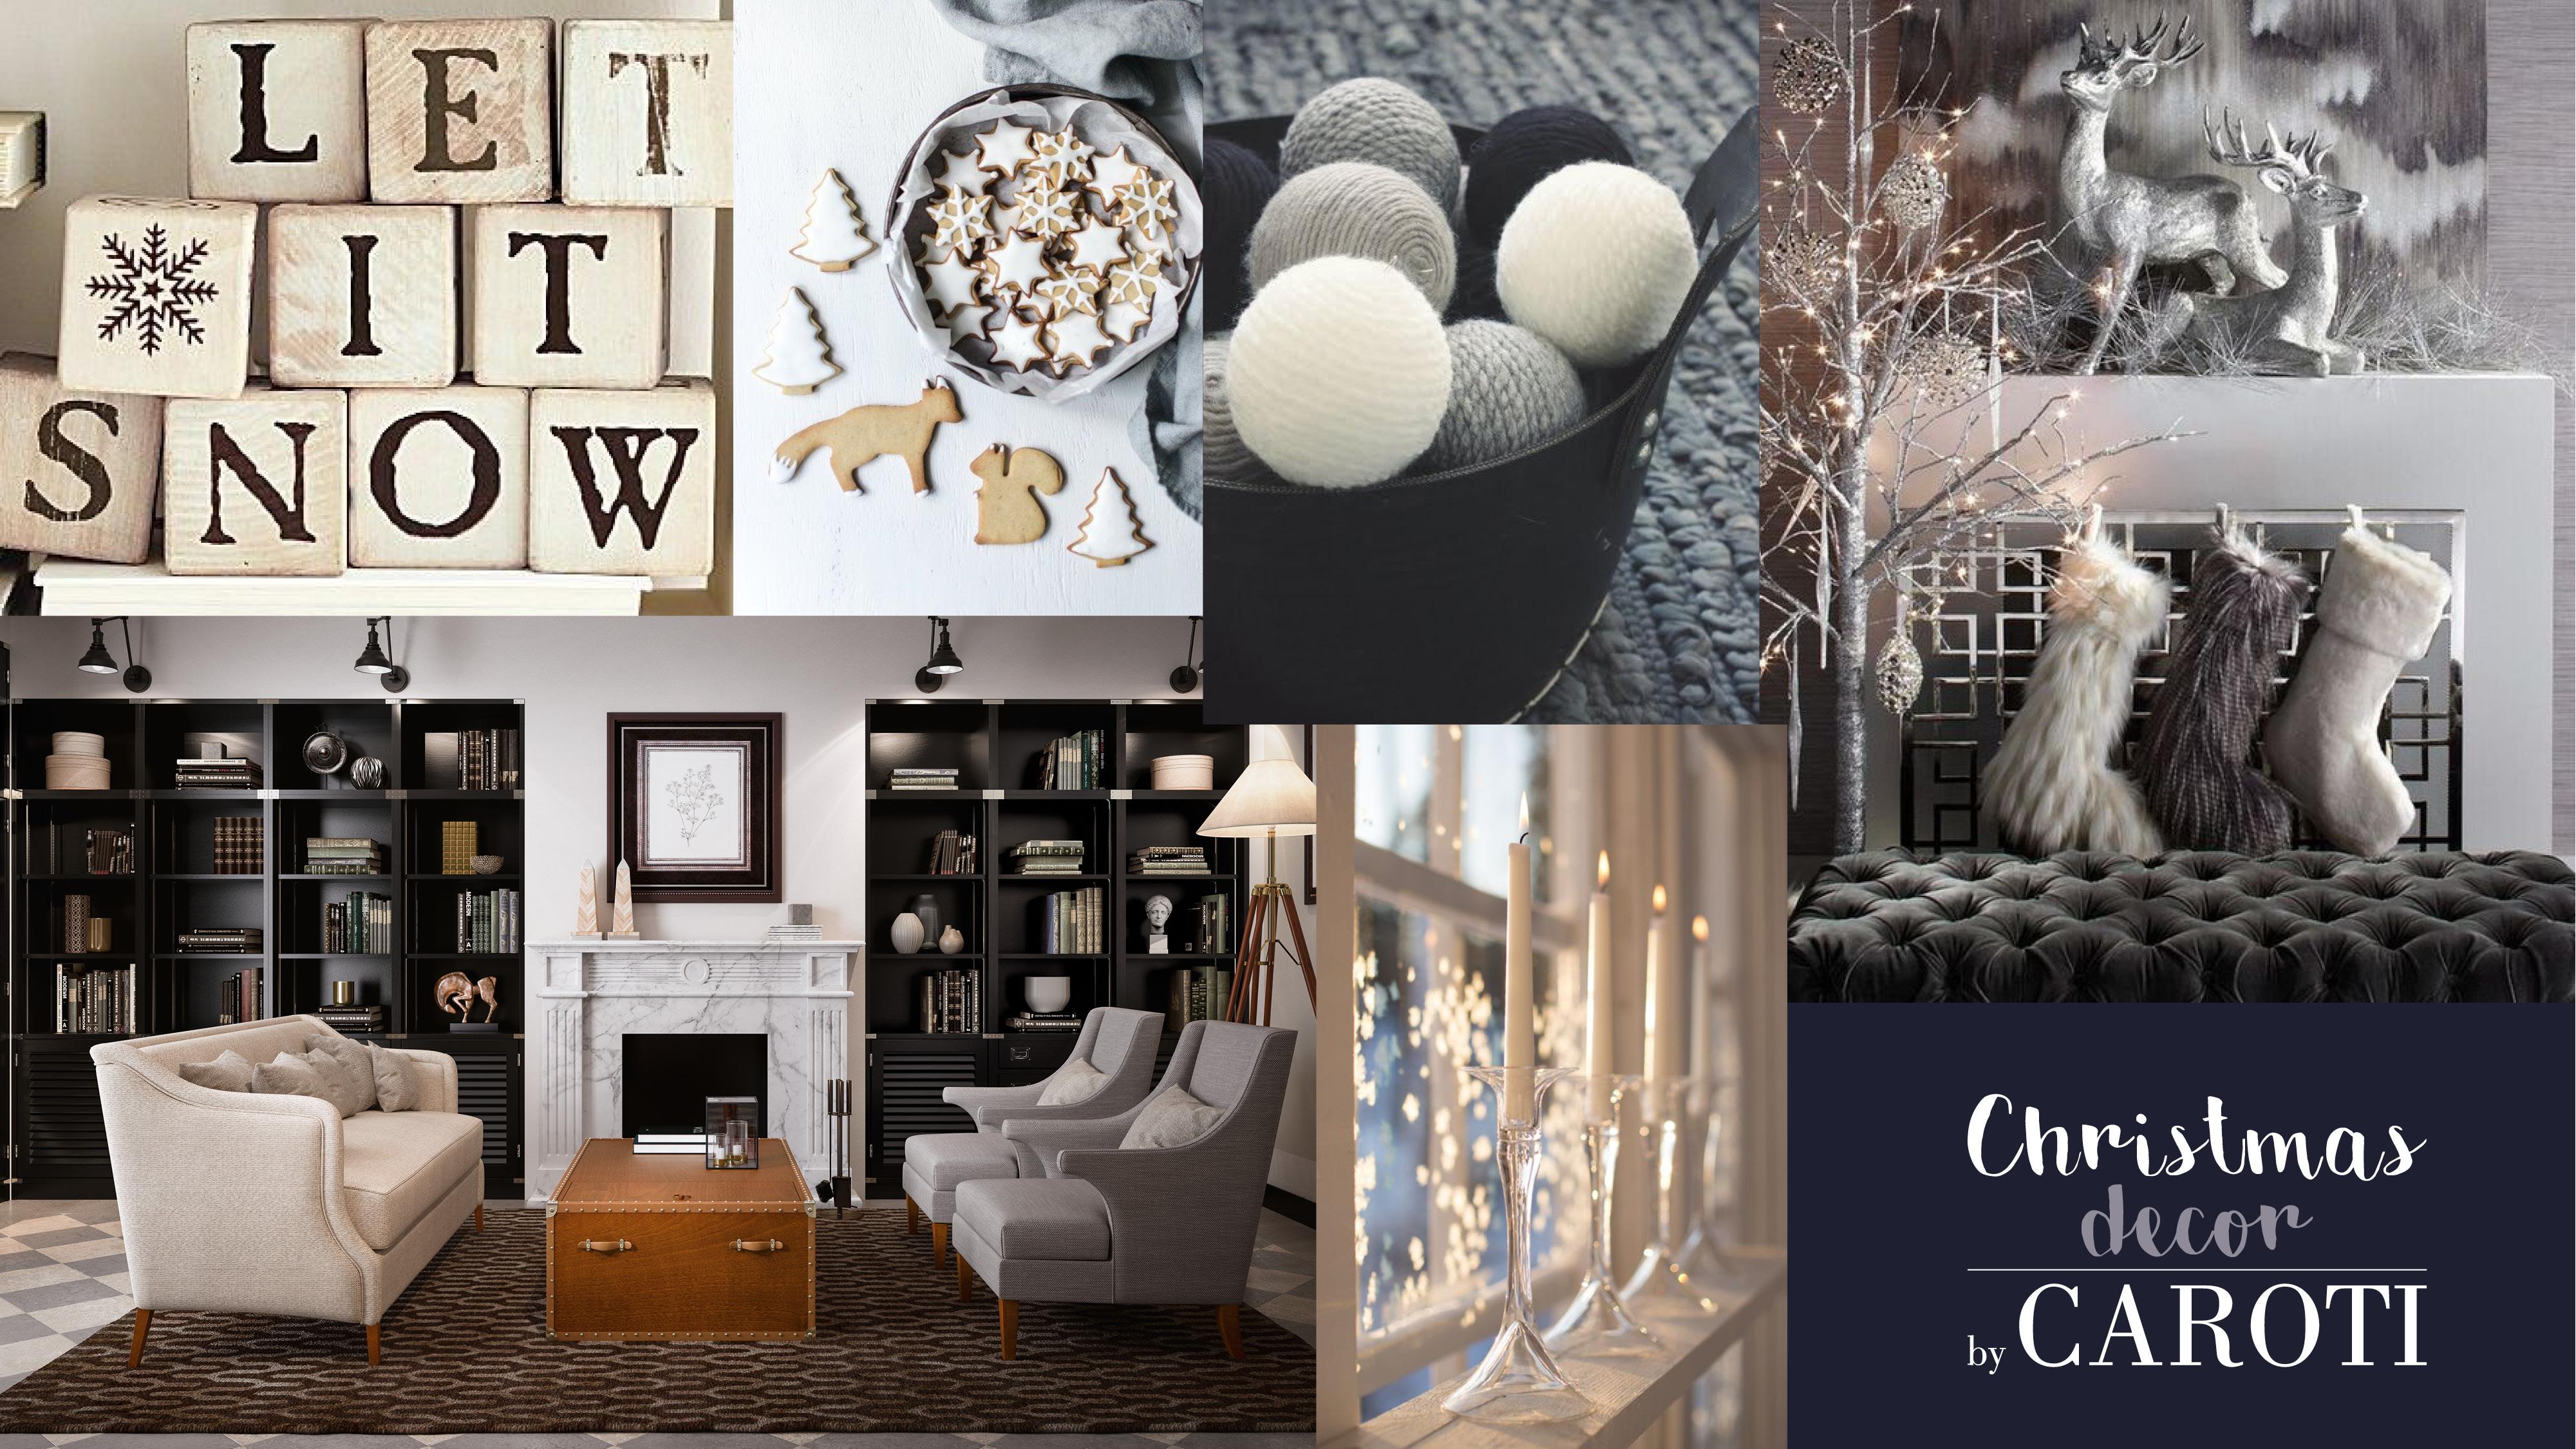 idee per decorare a natale in stile bonton black and white glam caroti